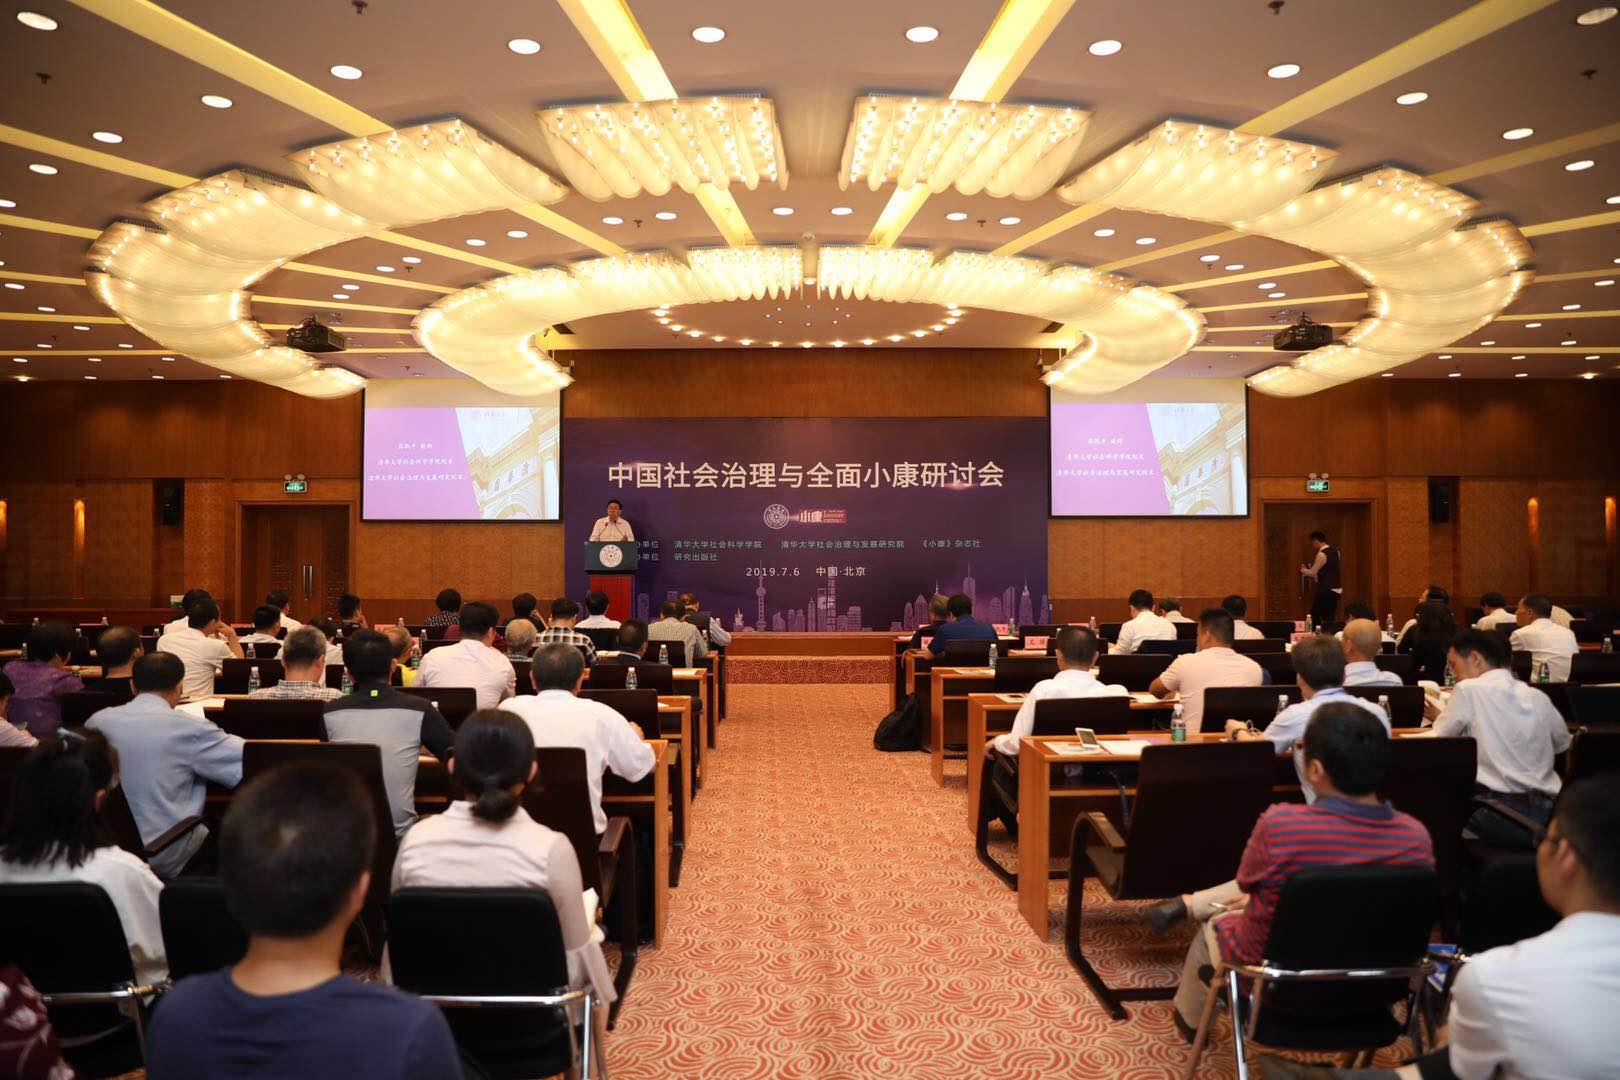 中国社会治理与全面小康研讨会在京举行